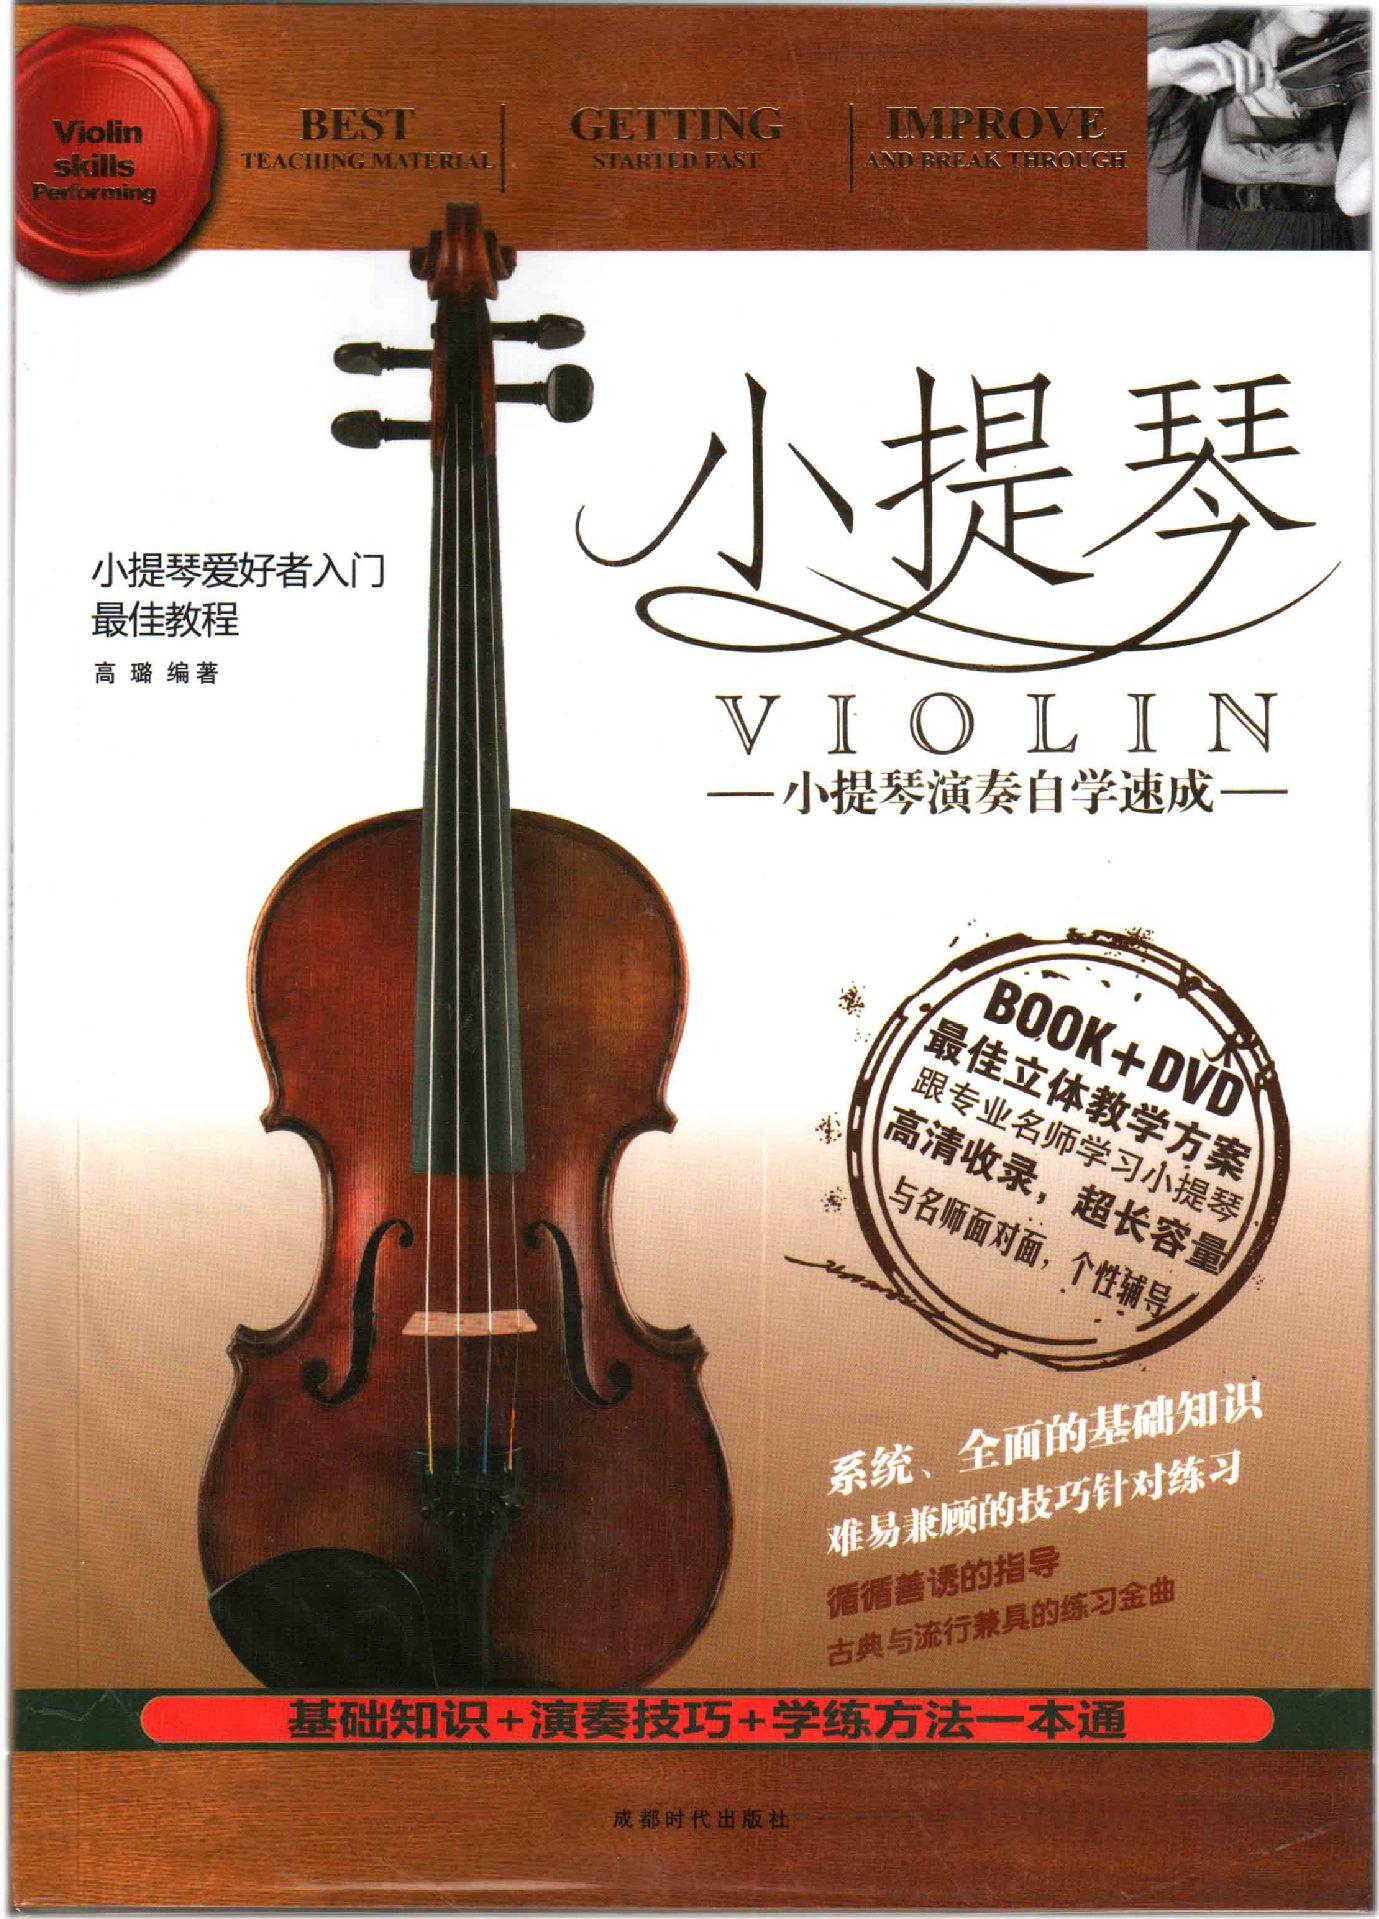 【小提琴演奏自学速成 小提琴爱好者入门最佳